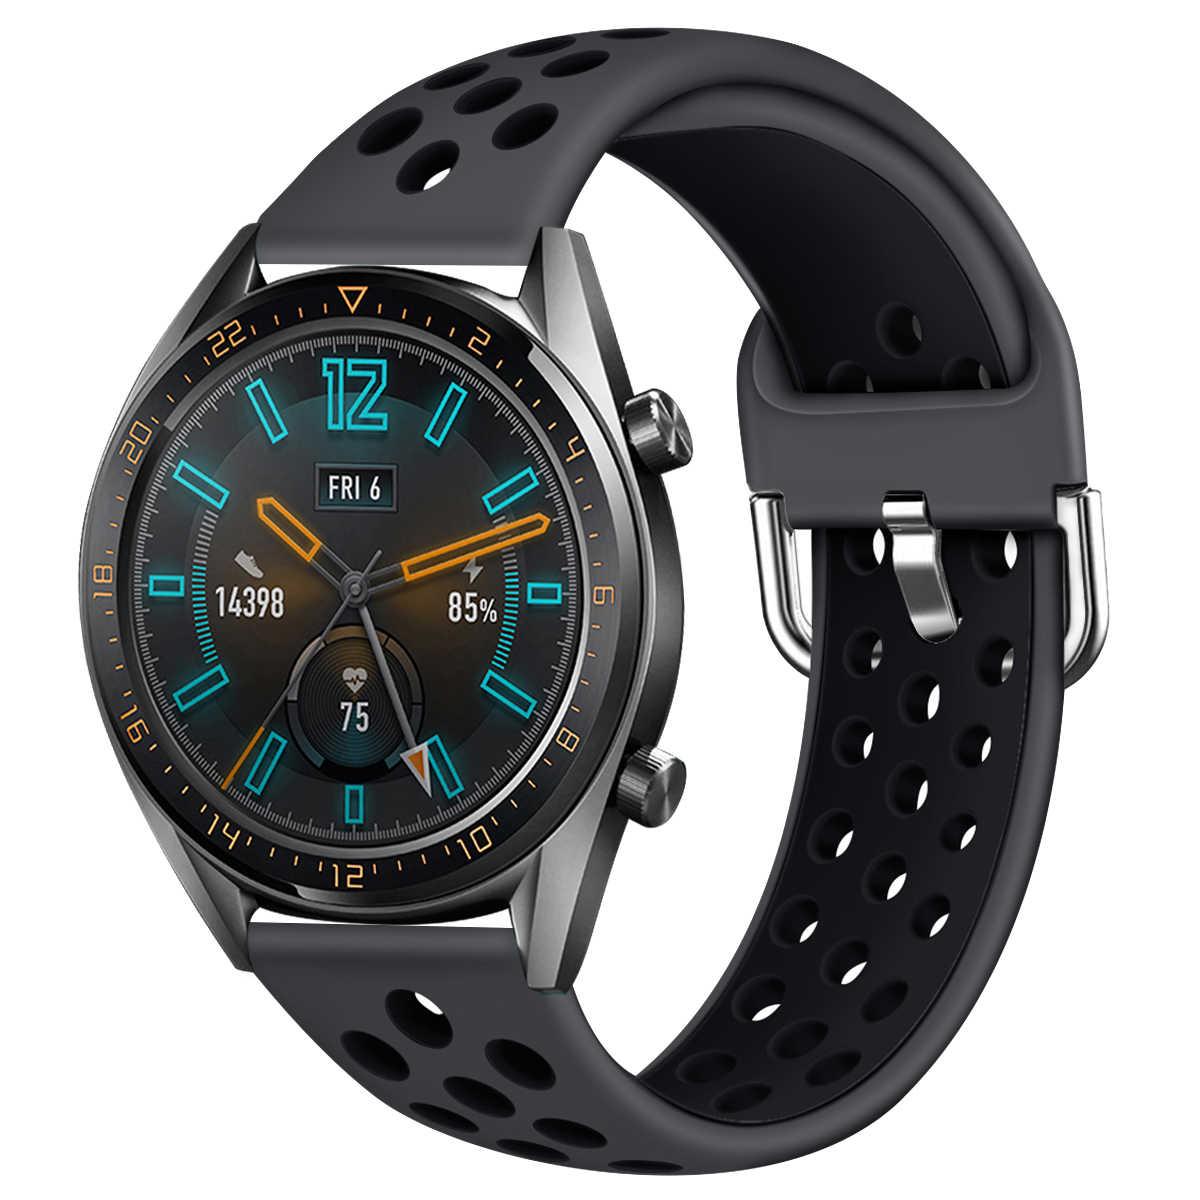 Thể Thao Ban Nhạc Cho Đồng Hồ Huawei Watch GT GT2 22 Mm Dây Đeo Dây Vòng Tay Thể Thao Dây Đồng Hồ Có Thể Thay Thế Cho Đồng S3 71002